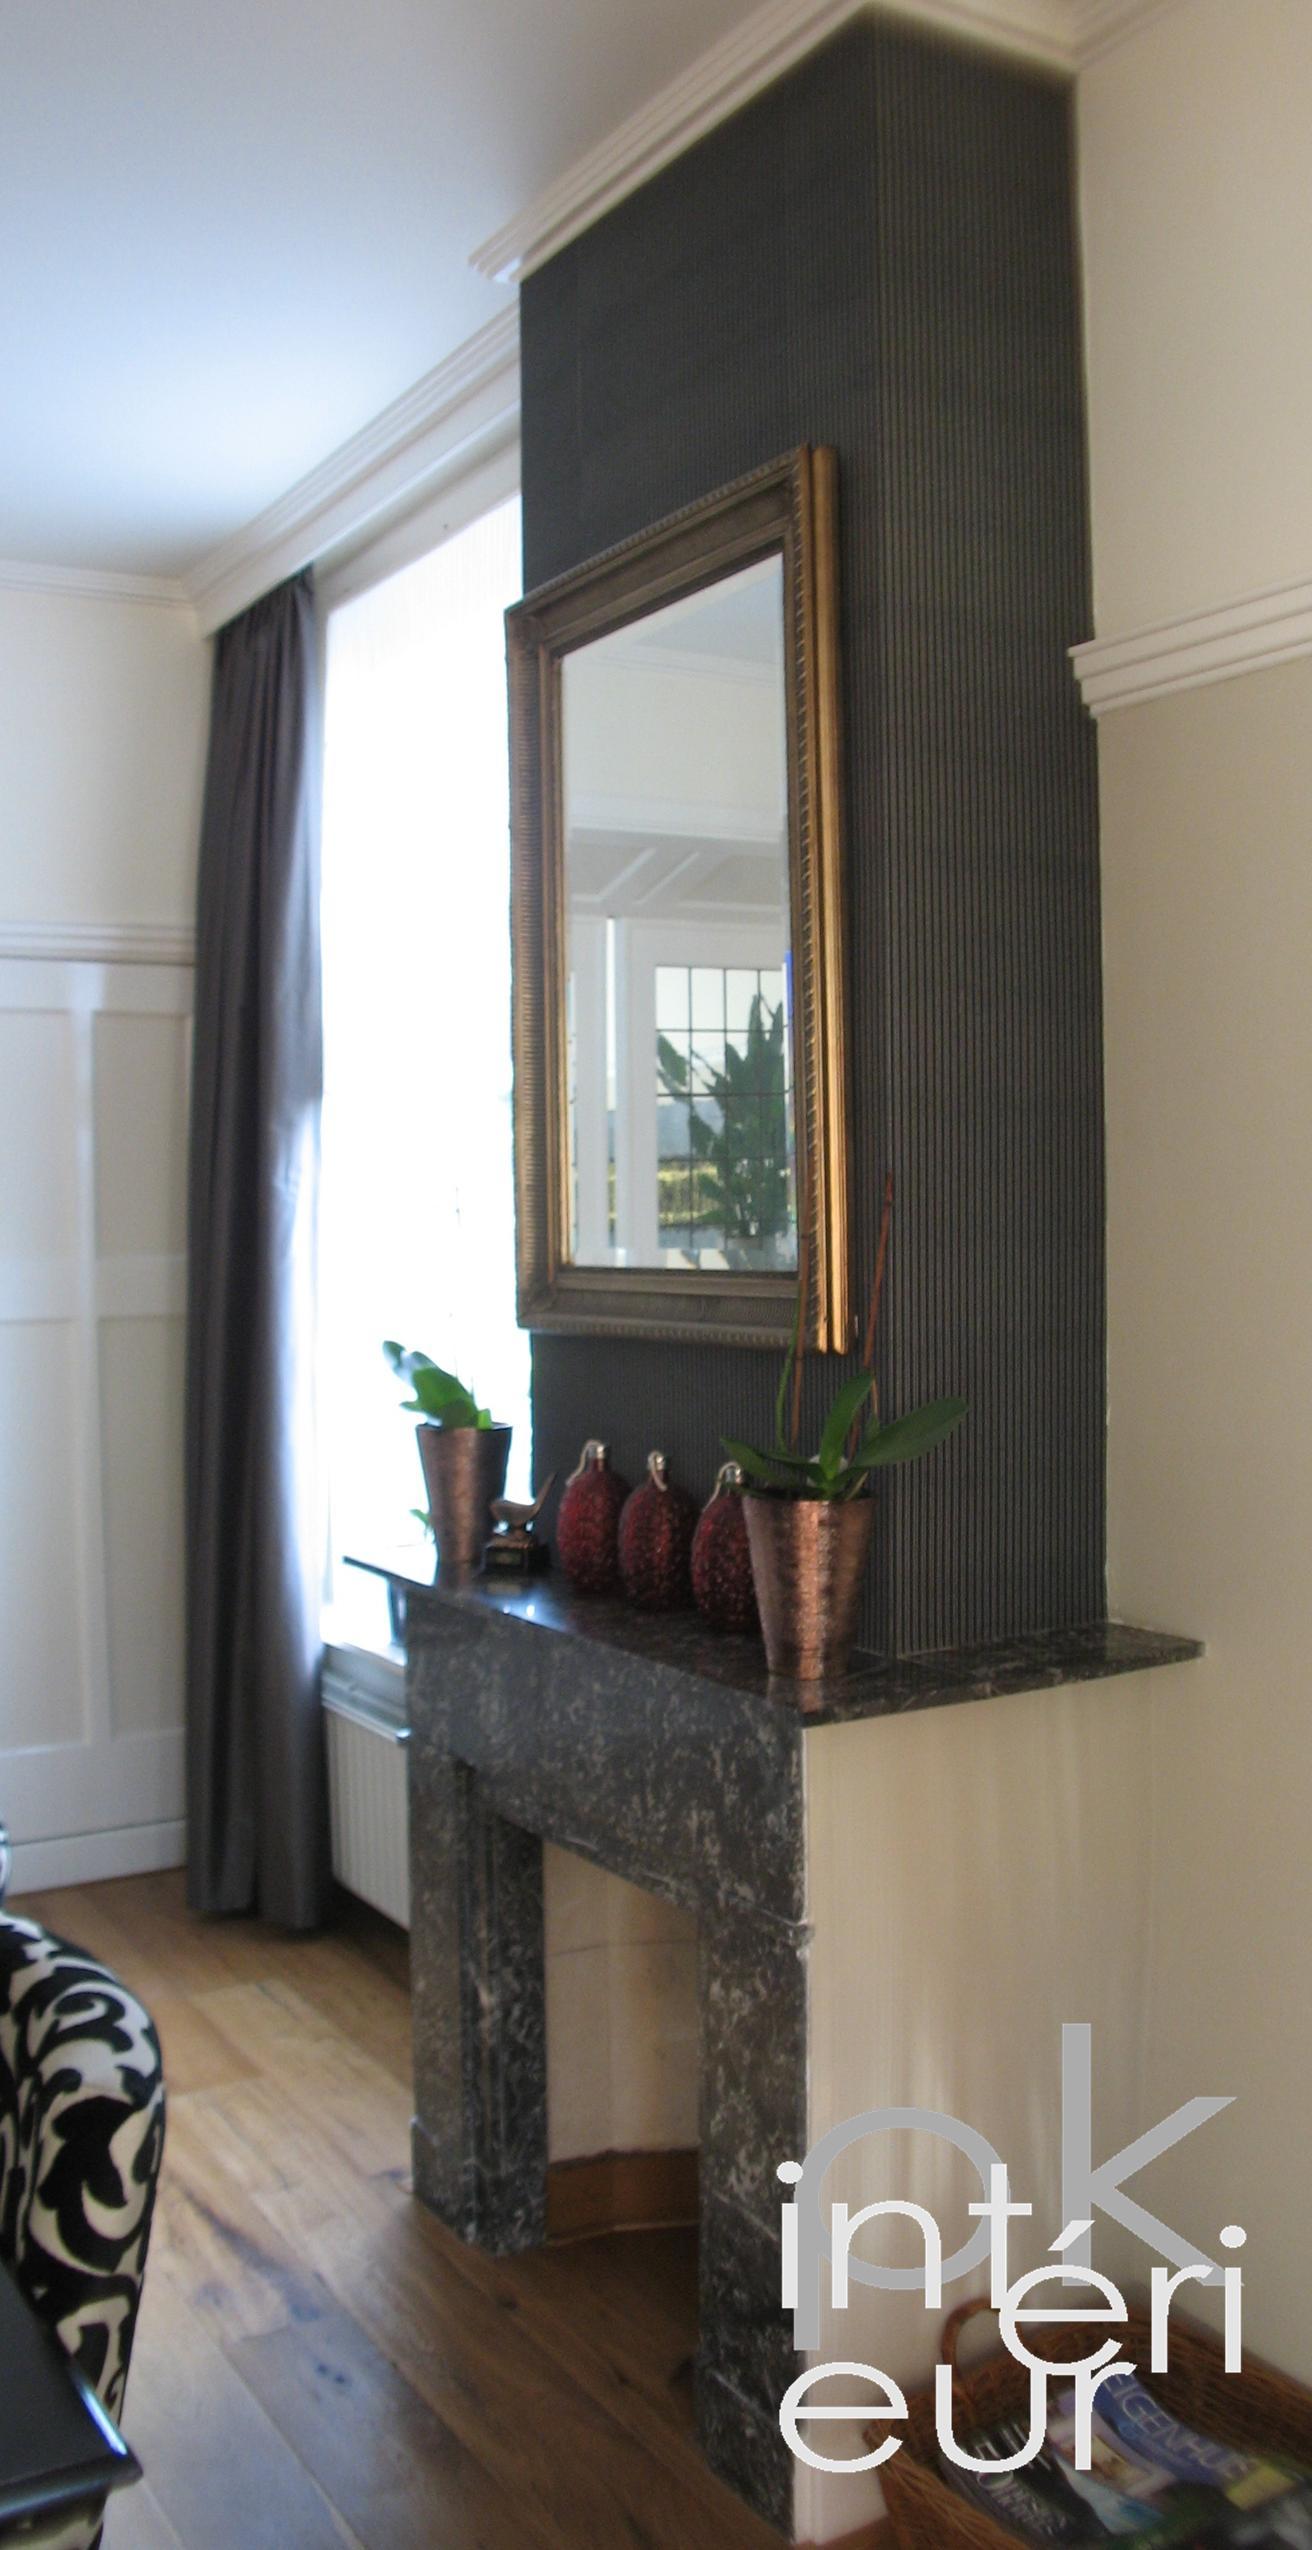 Pk interieur utrecht design ontwerp inrichting en advies voor uw woonkamer eetkamer en keuken - Ontwerp eetkamer design ...